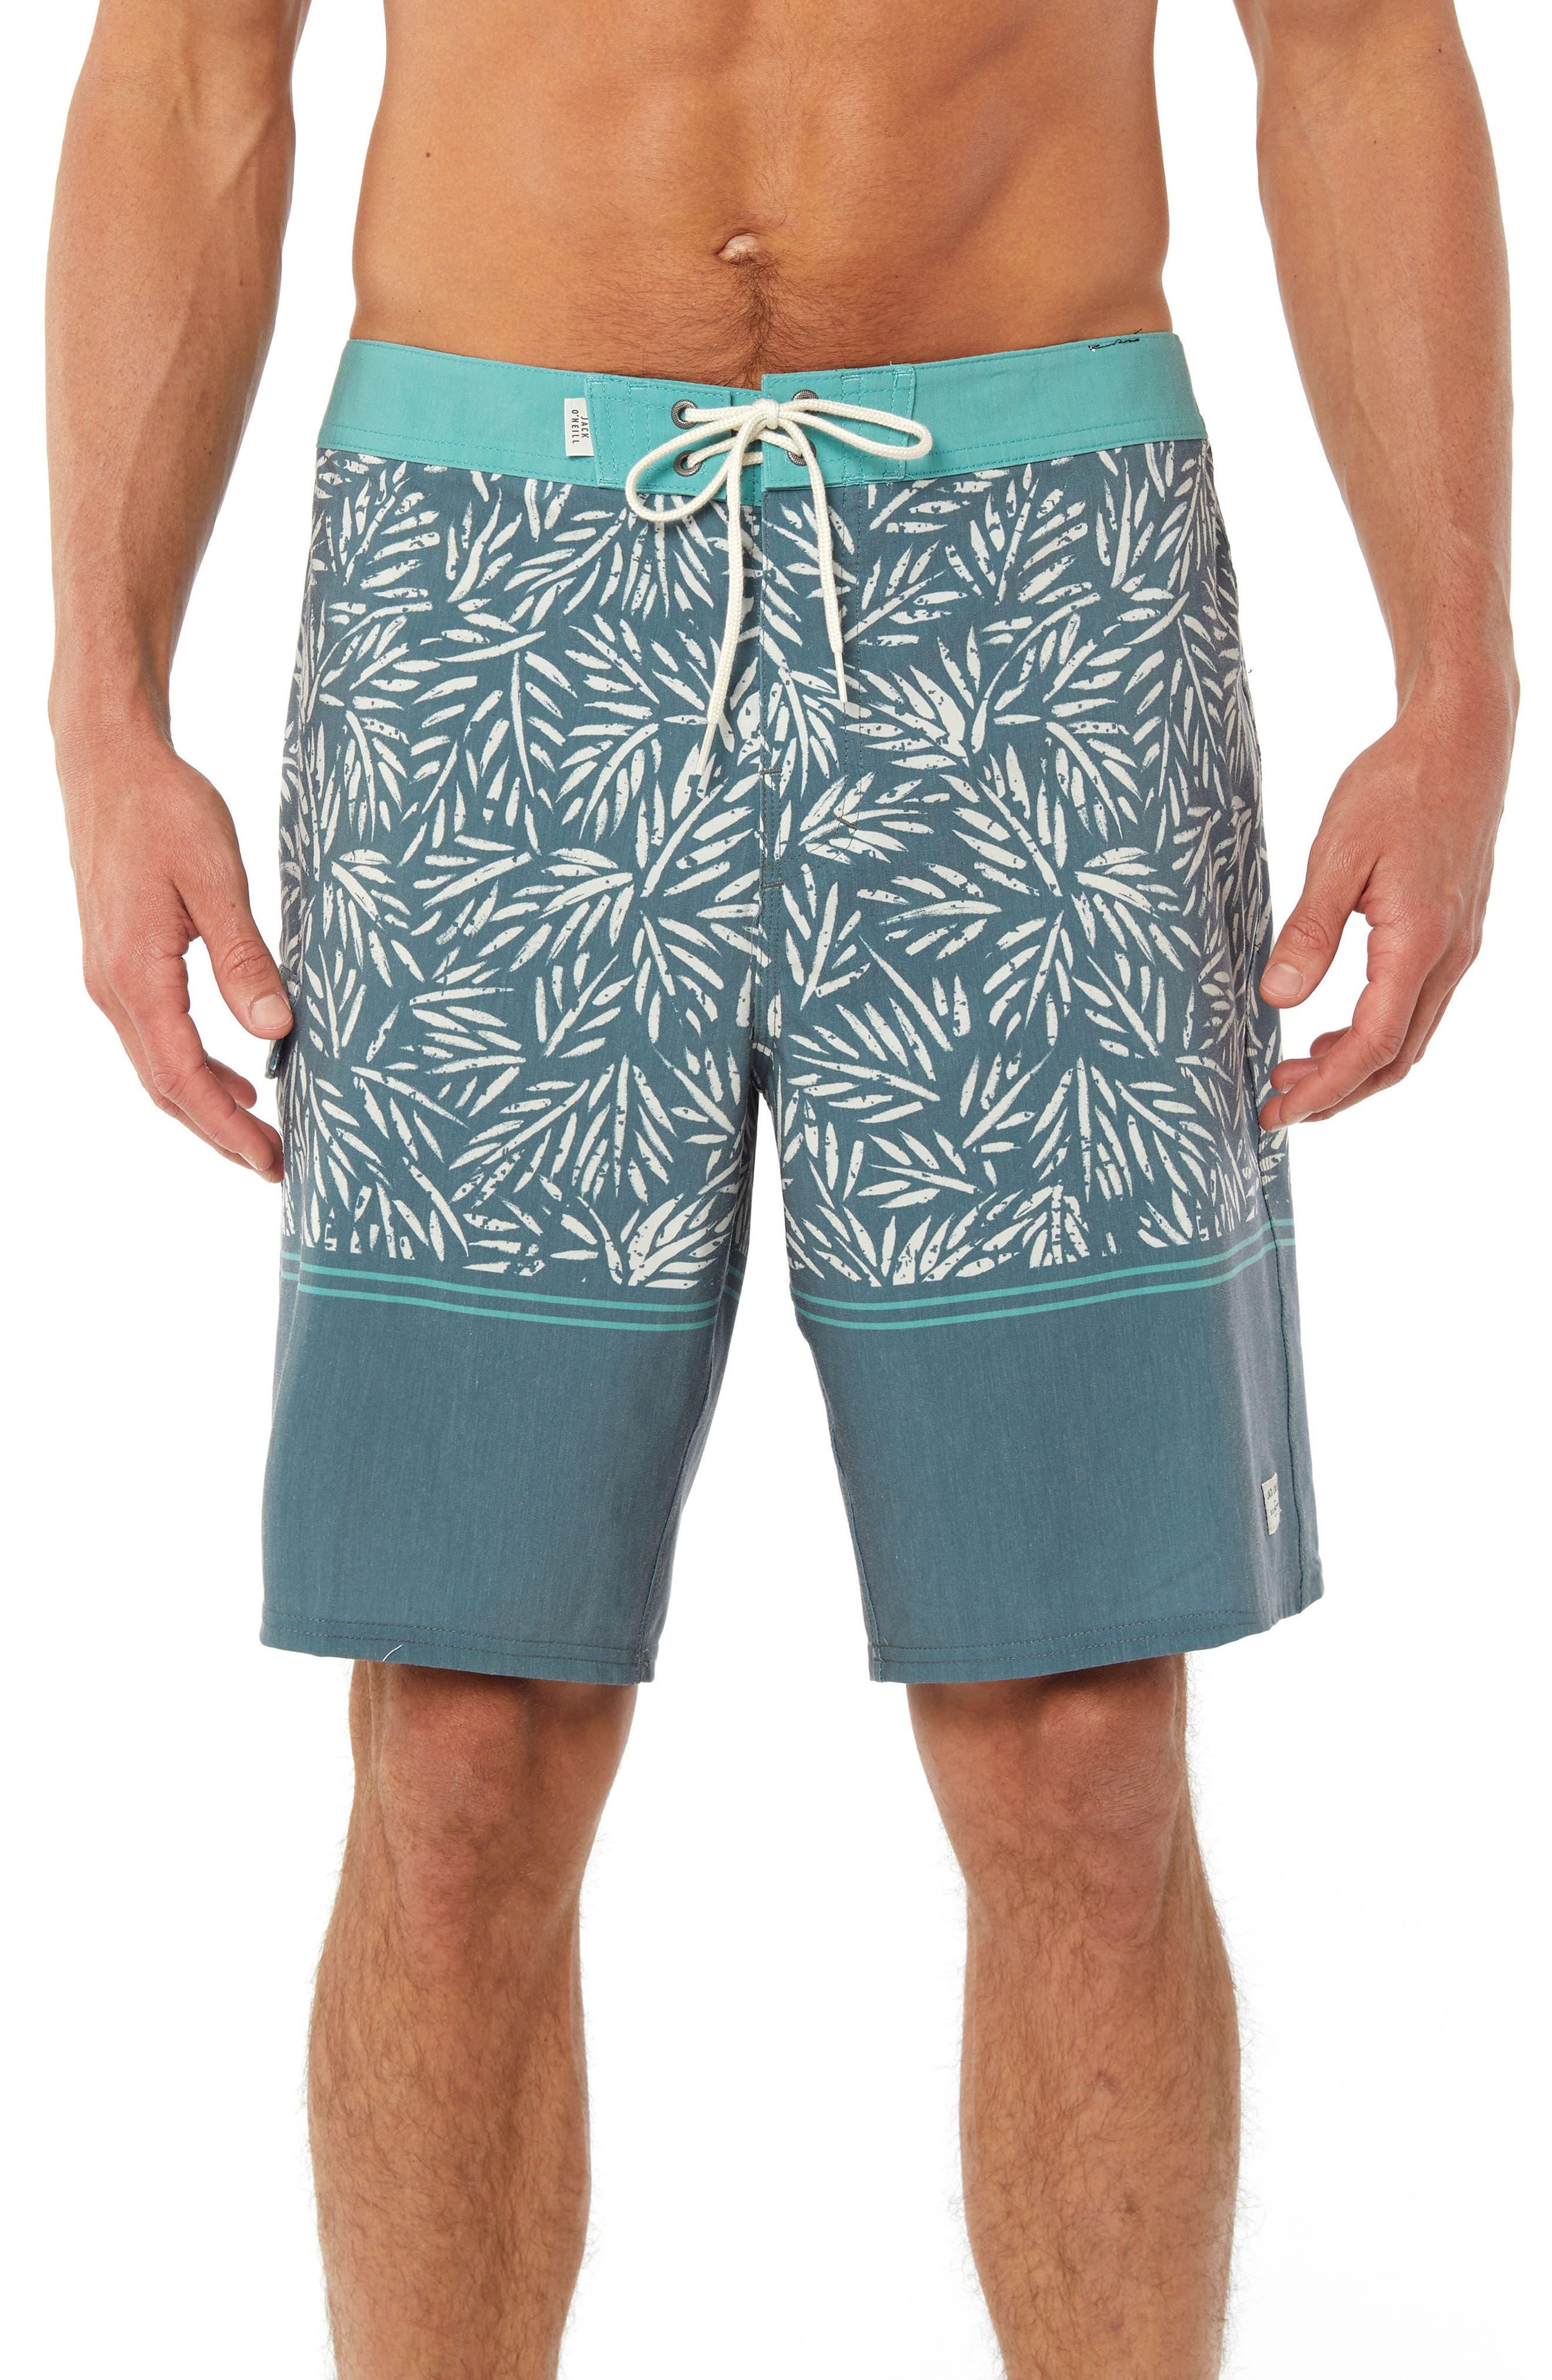 Vacay Board Shorts,                             Main thumbnail 1, color,                             DARK SEA GLASS